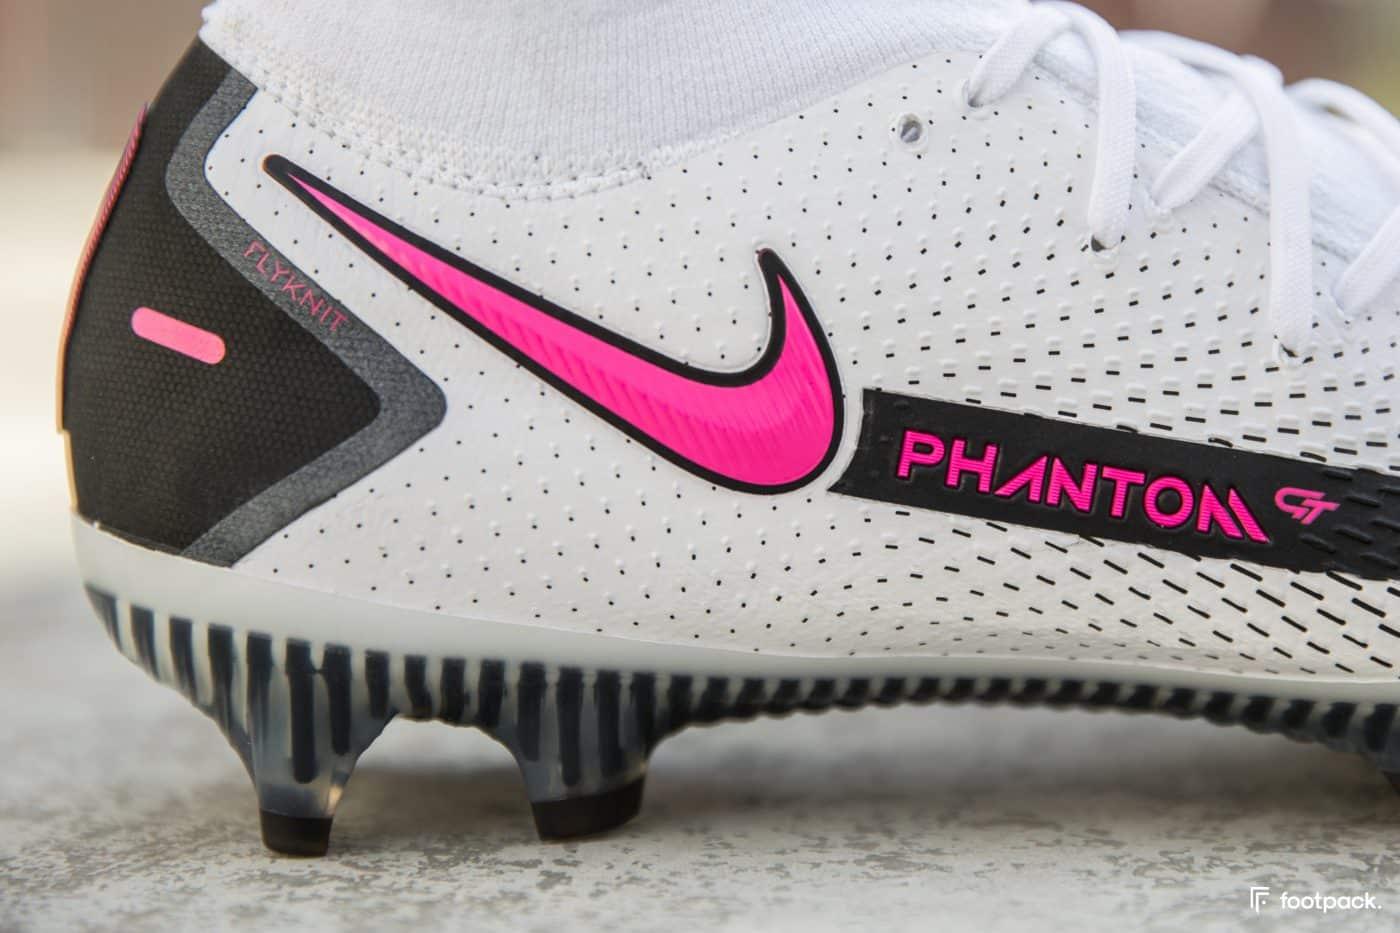 nike-phantom-GT-footpack-23